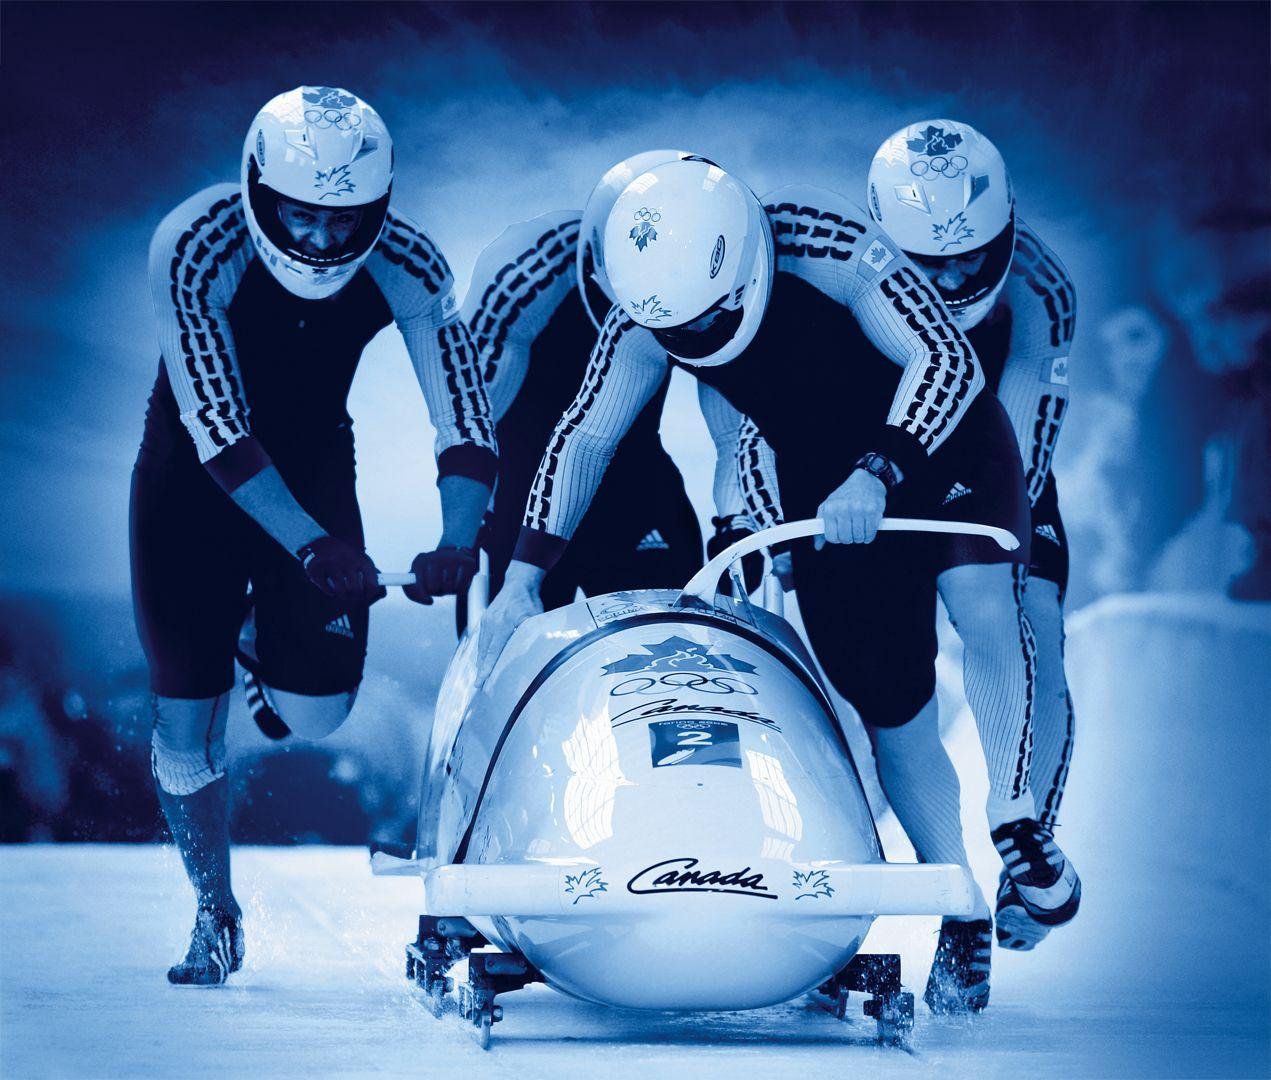 2010 Winter Olympics Bobsled Winter olympics, 2010